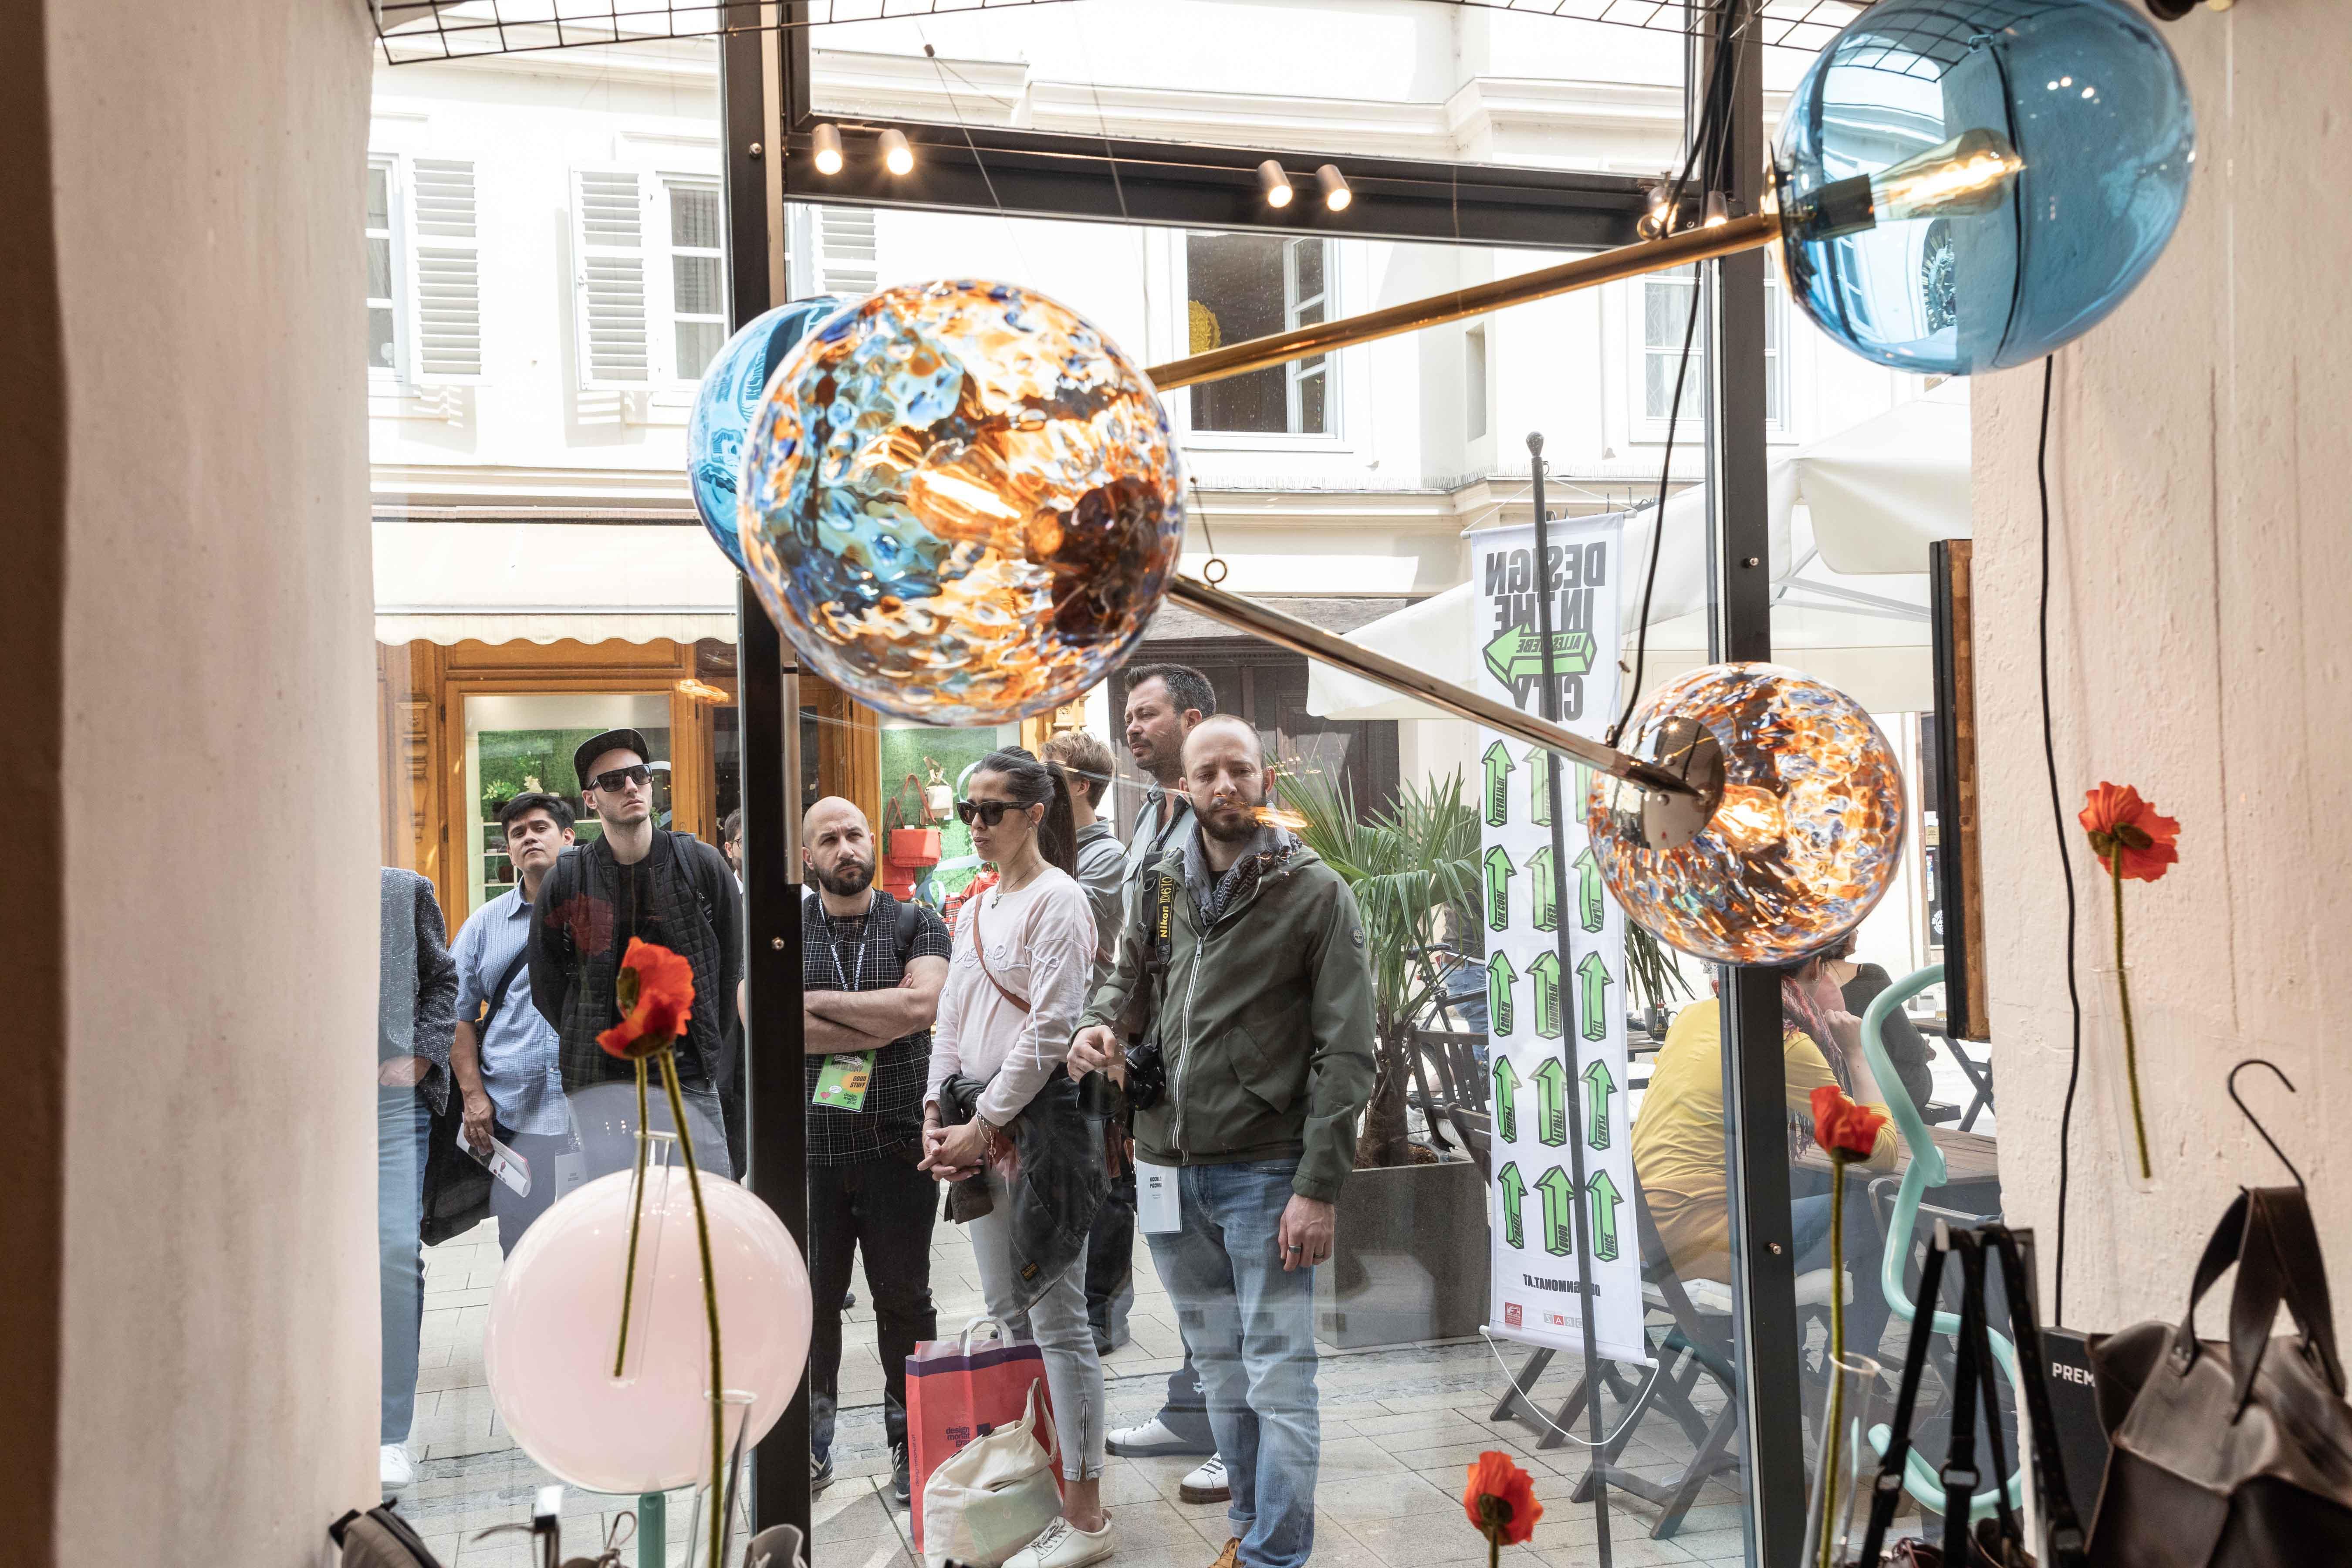 Mnews Schritt Auf Und Graz Design – Tritt at In Medianet cARLj5S34q